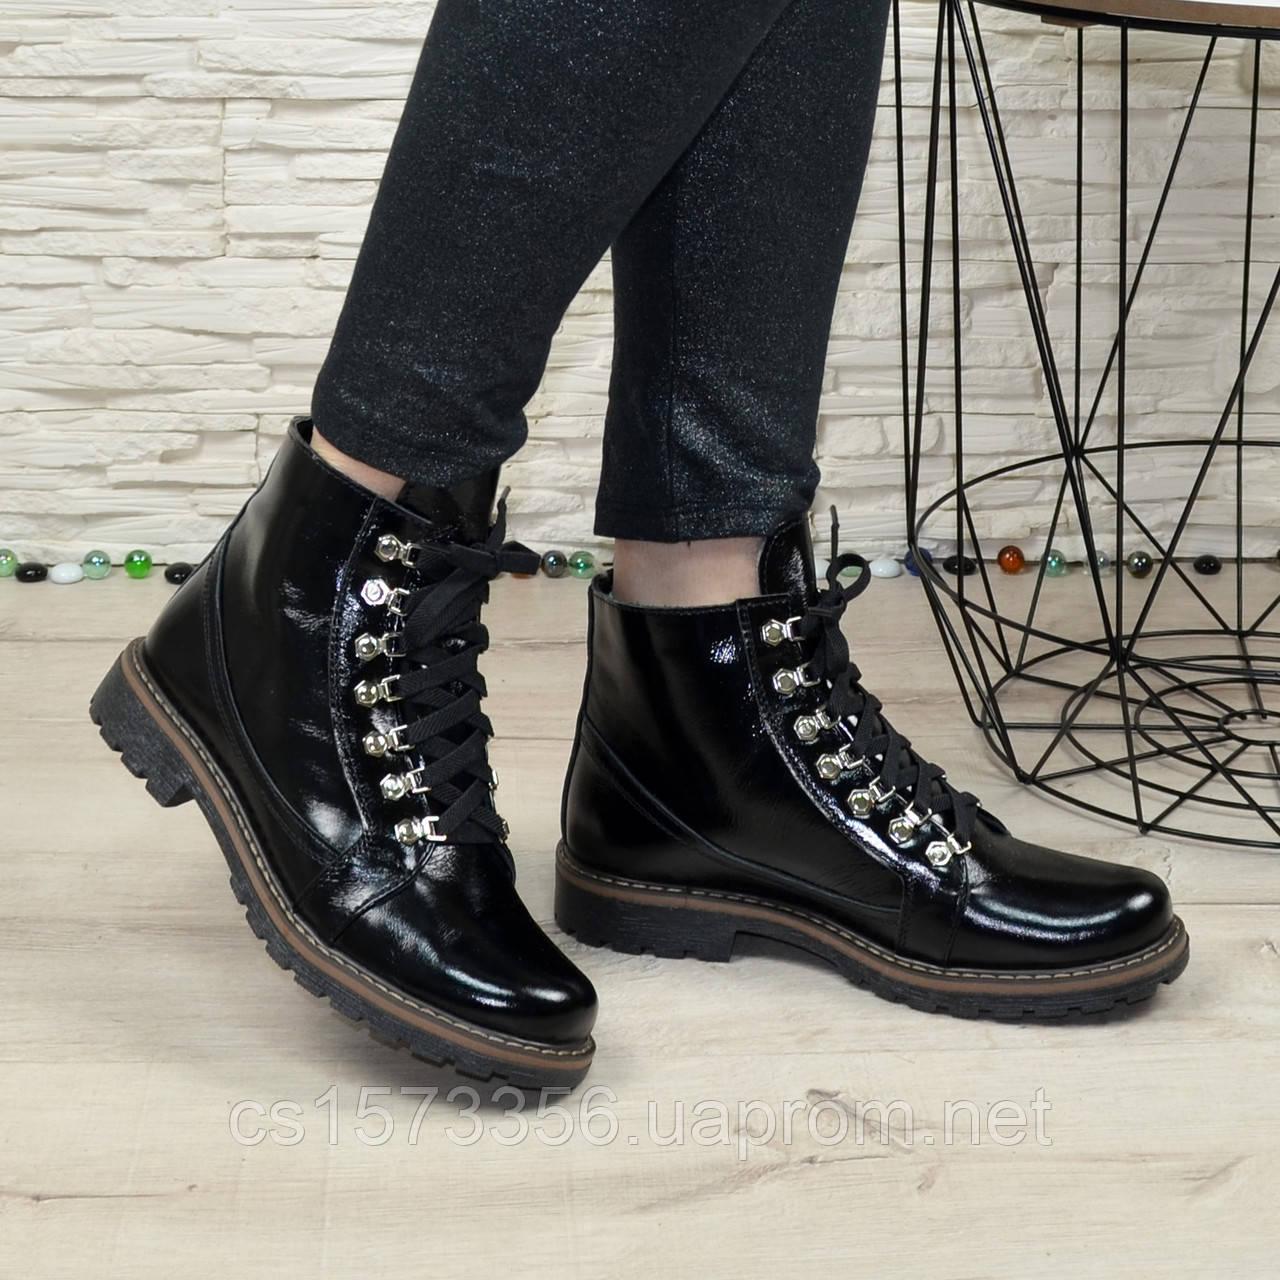 Женские ботинки лаковые на байке